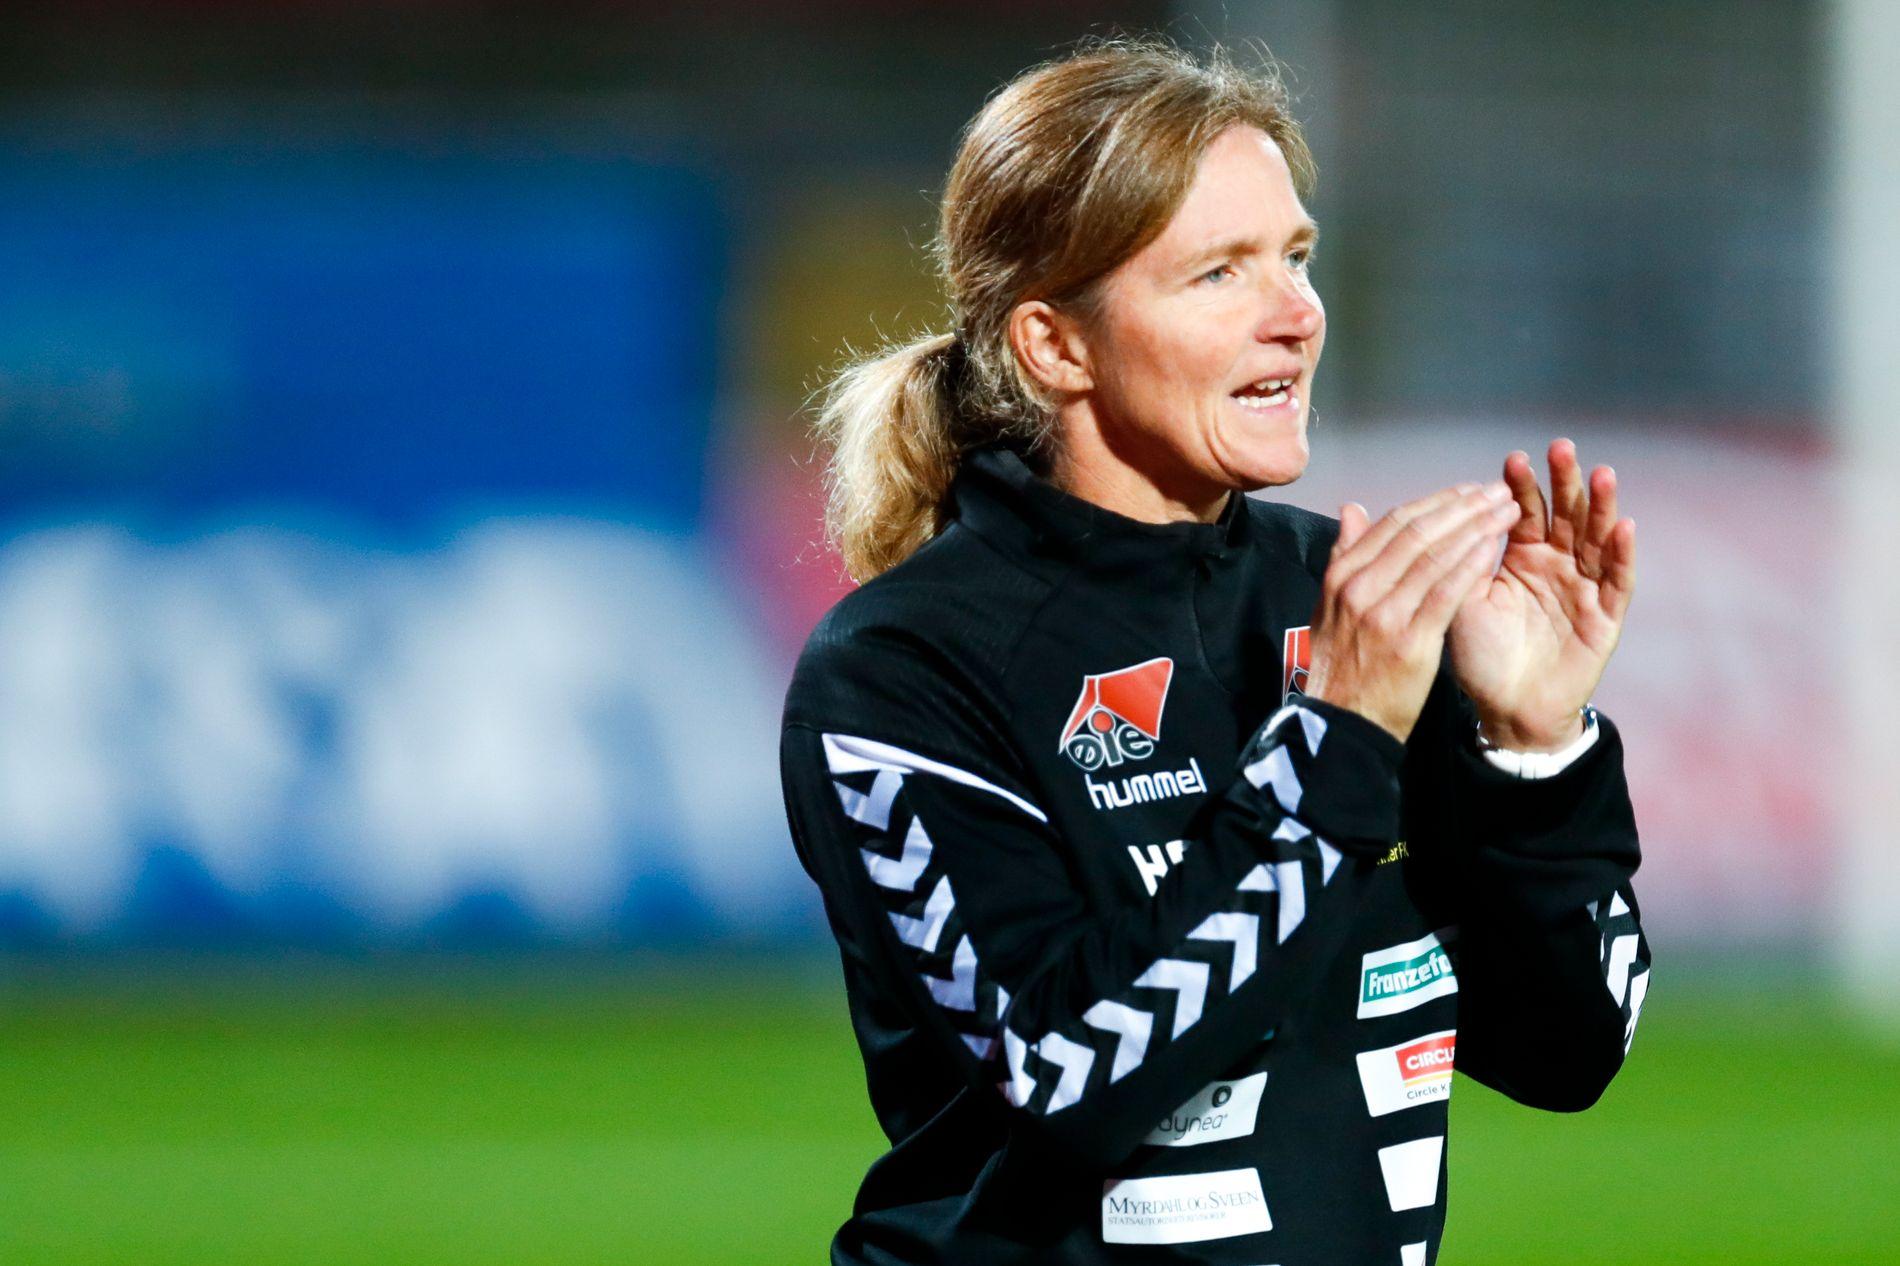 TØFF OPPGAVE: Hege Riise ledet LSK Kvinner til seriegull tidligere i høst. Onsdag kveld står Manchest City på motsatt banehalvdel.